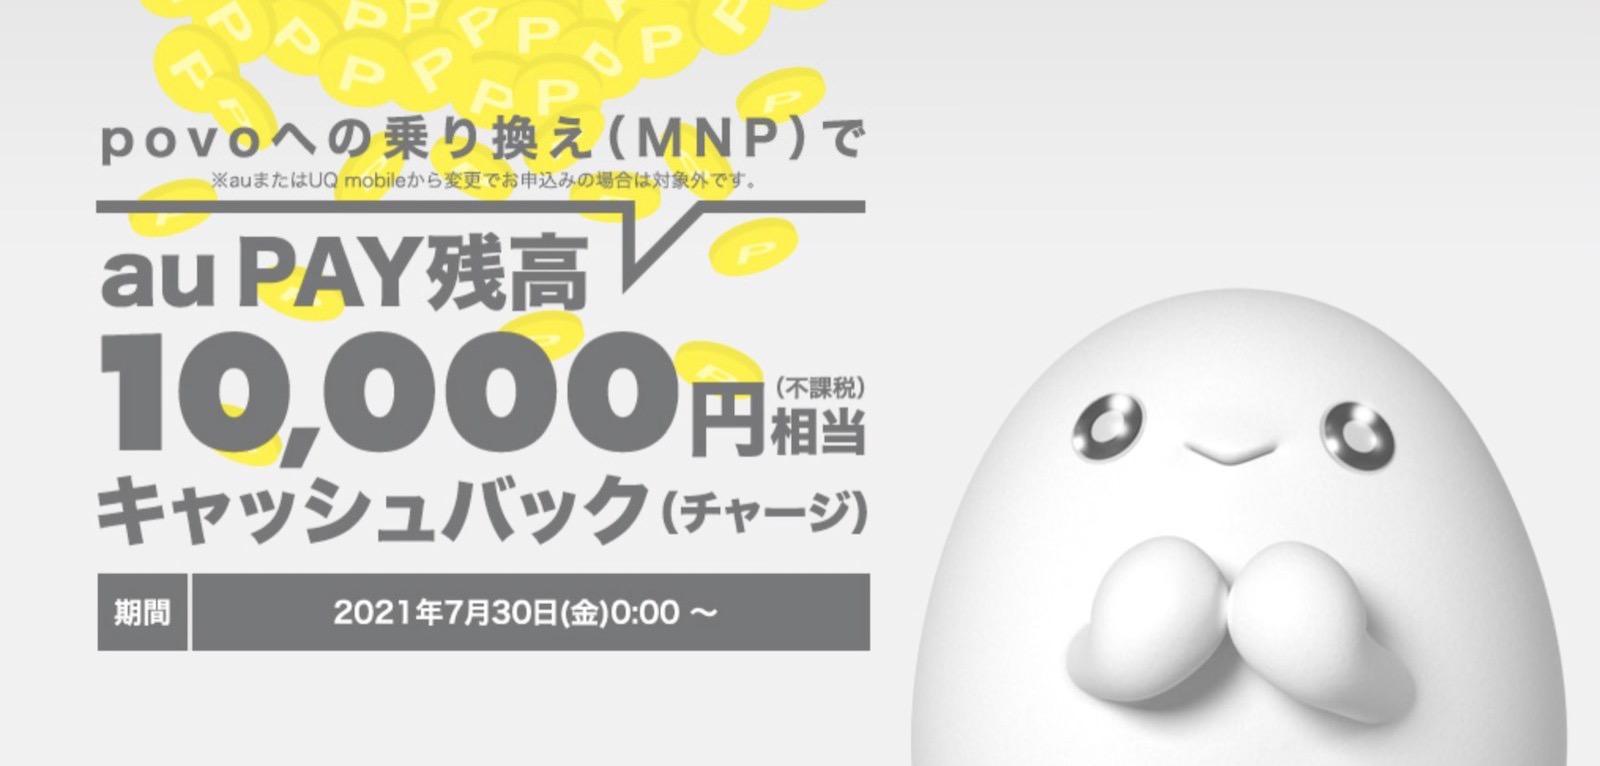 Povo mnp campaign